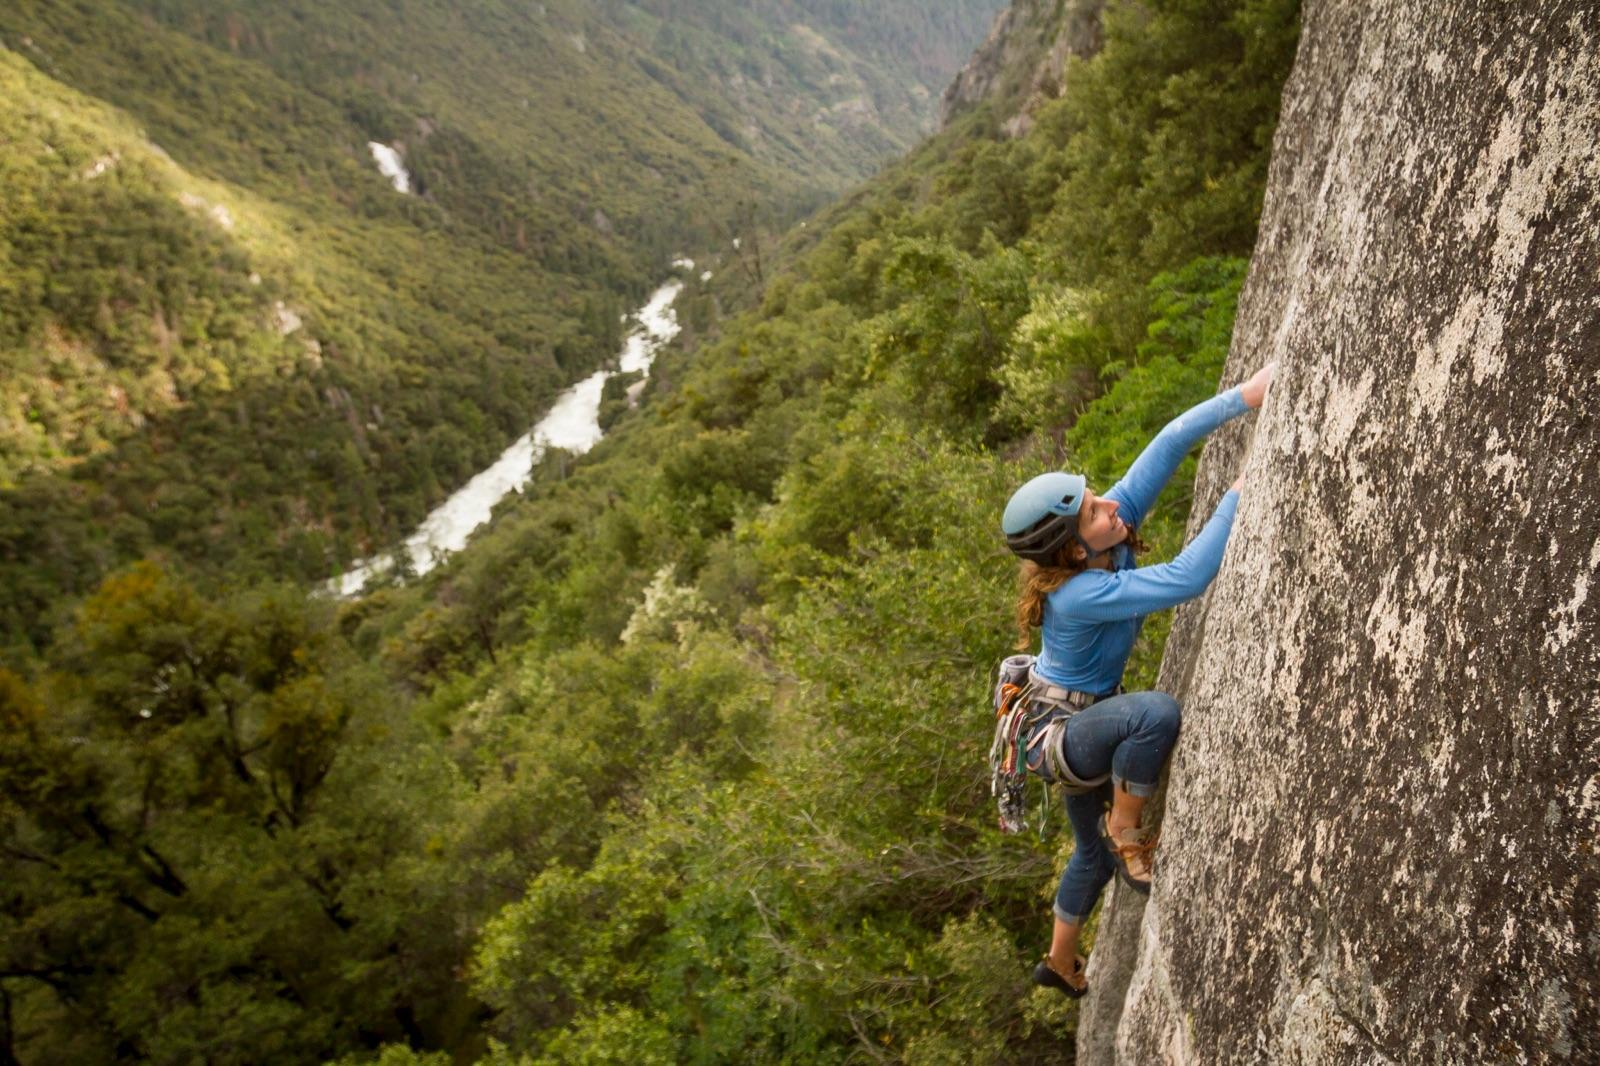 Alison Kaplan Rock Climbing